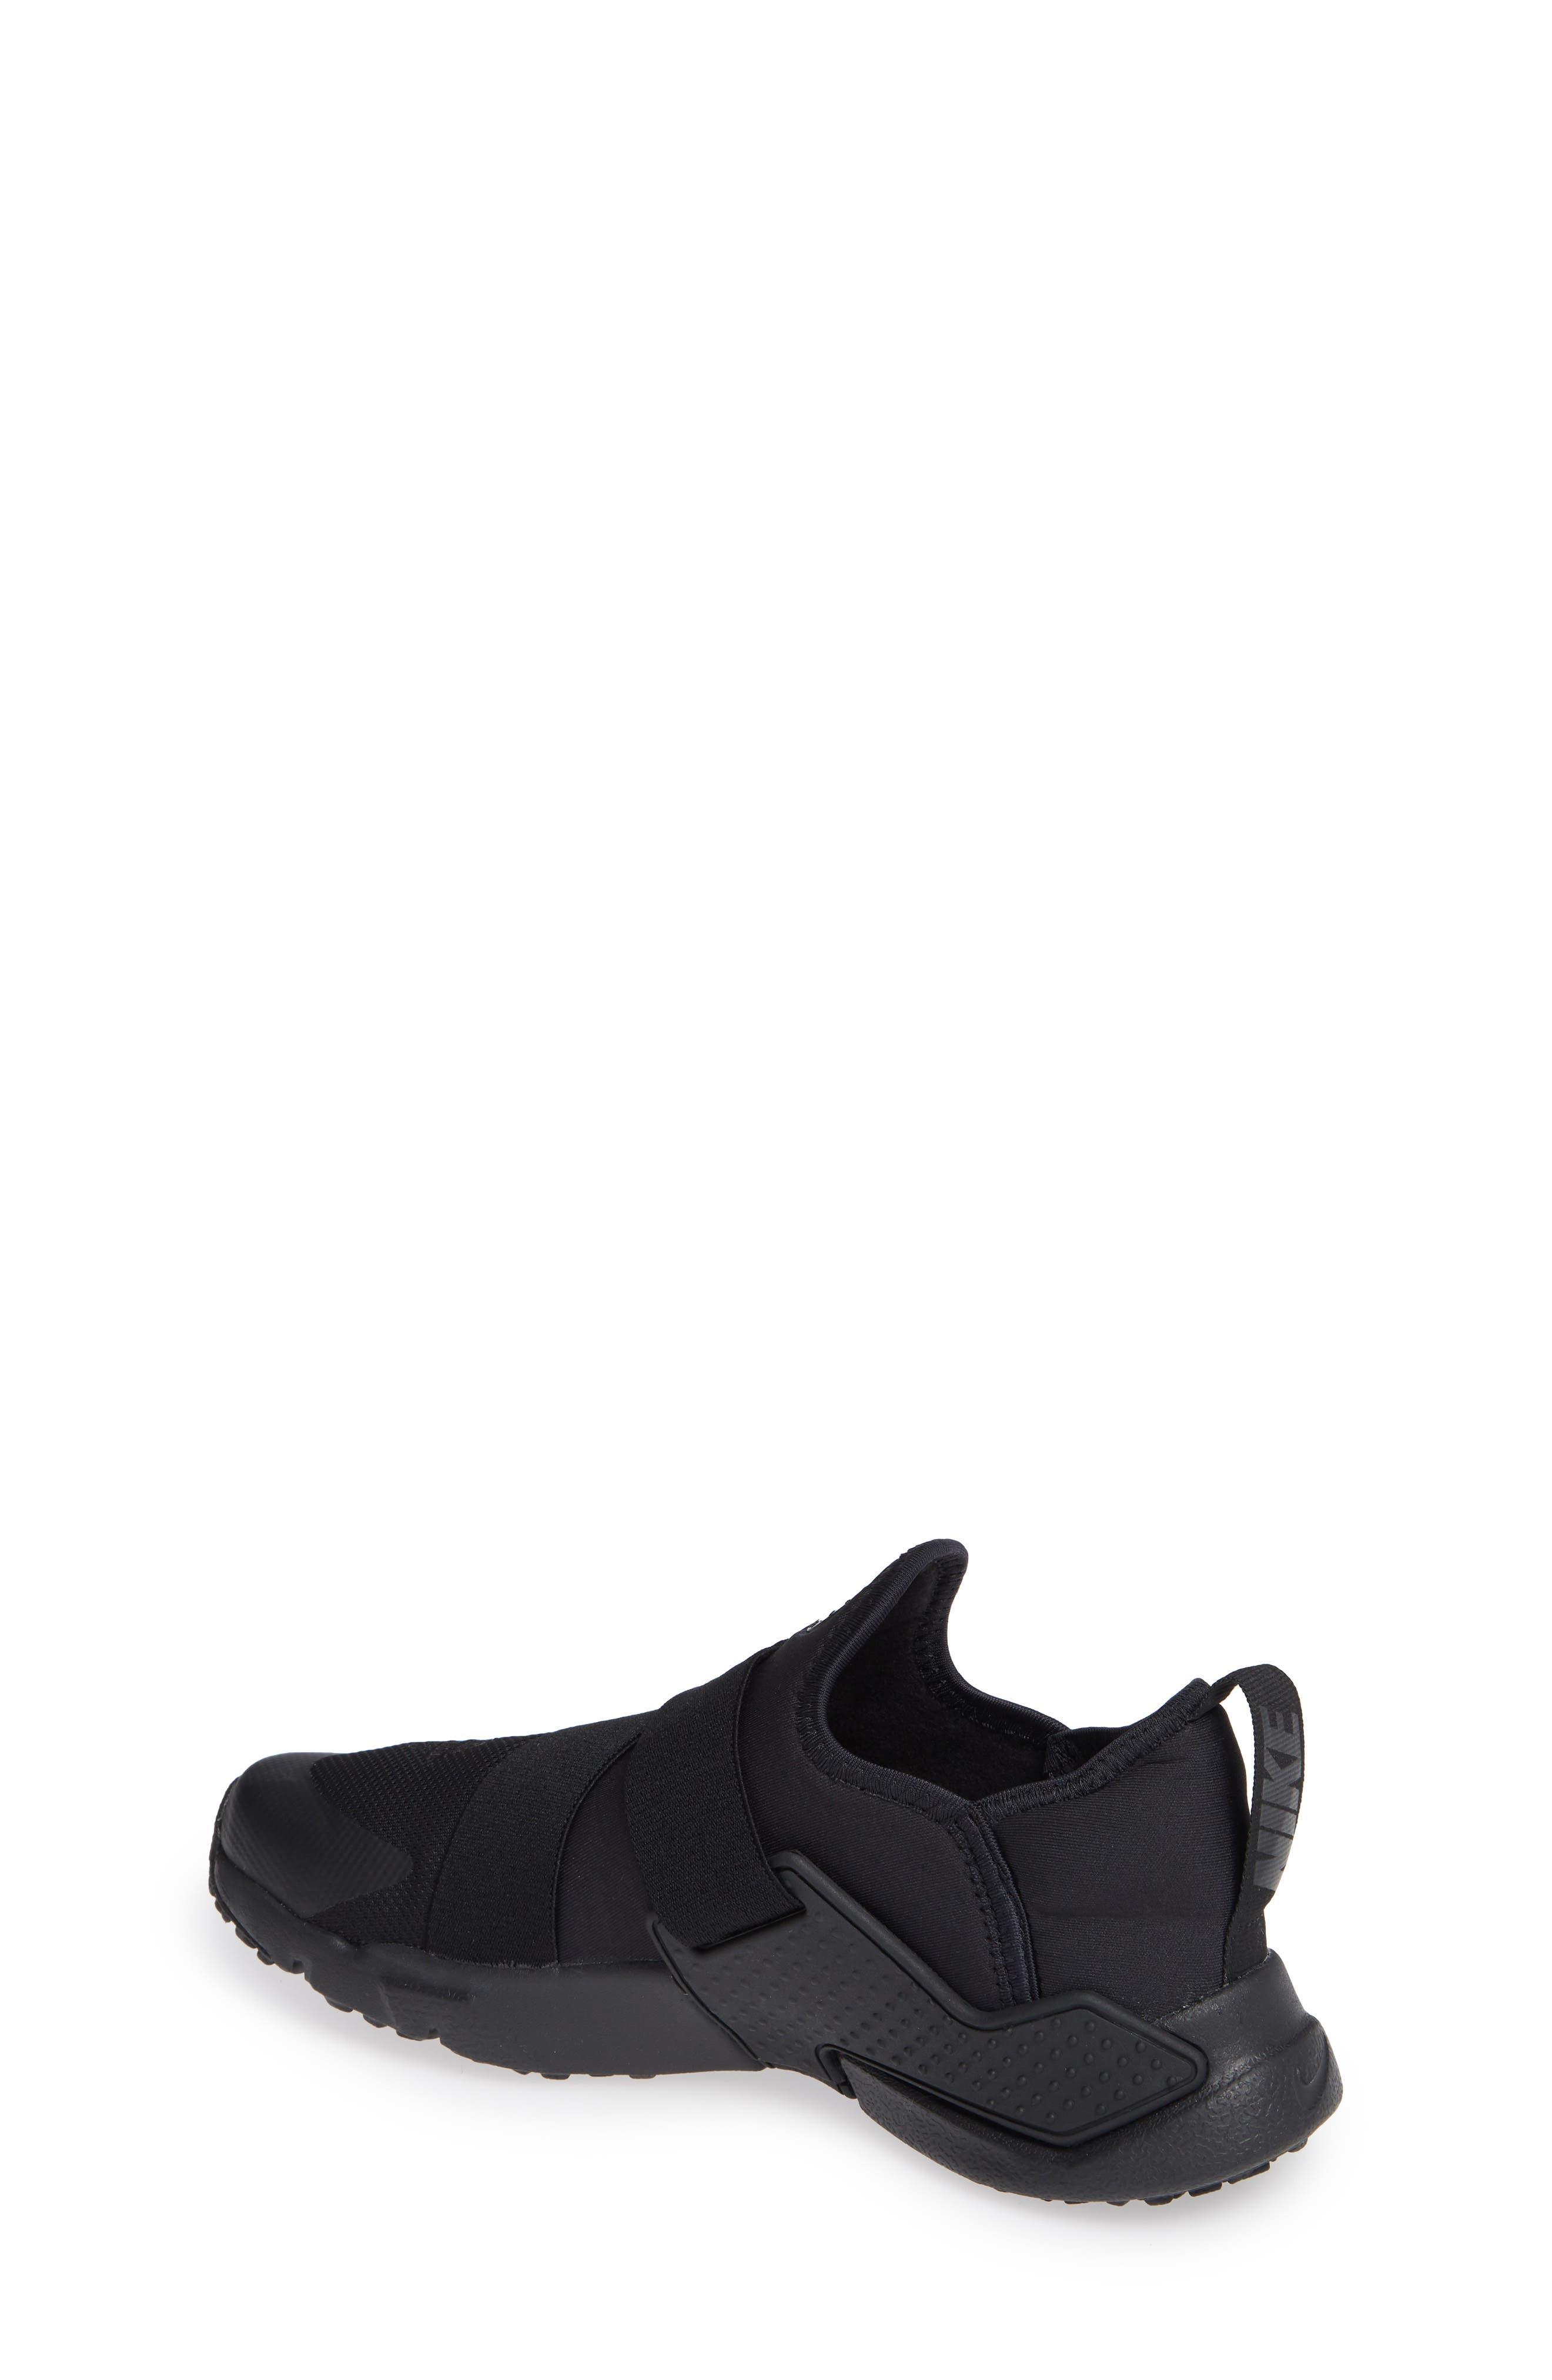 Huarache Extreme Sneaker,                             Alternate thumbnail 2, color,                             BLACK